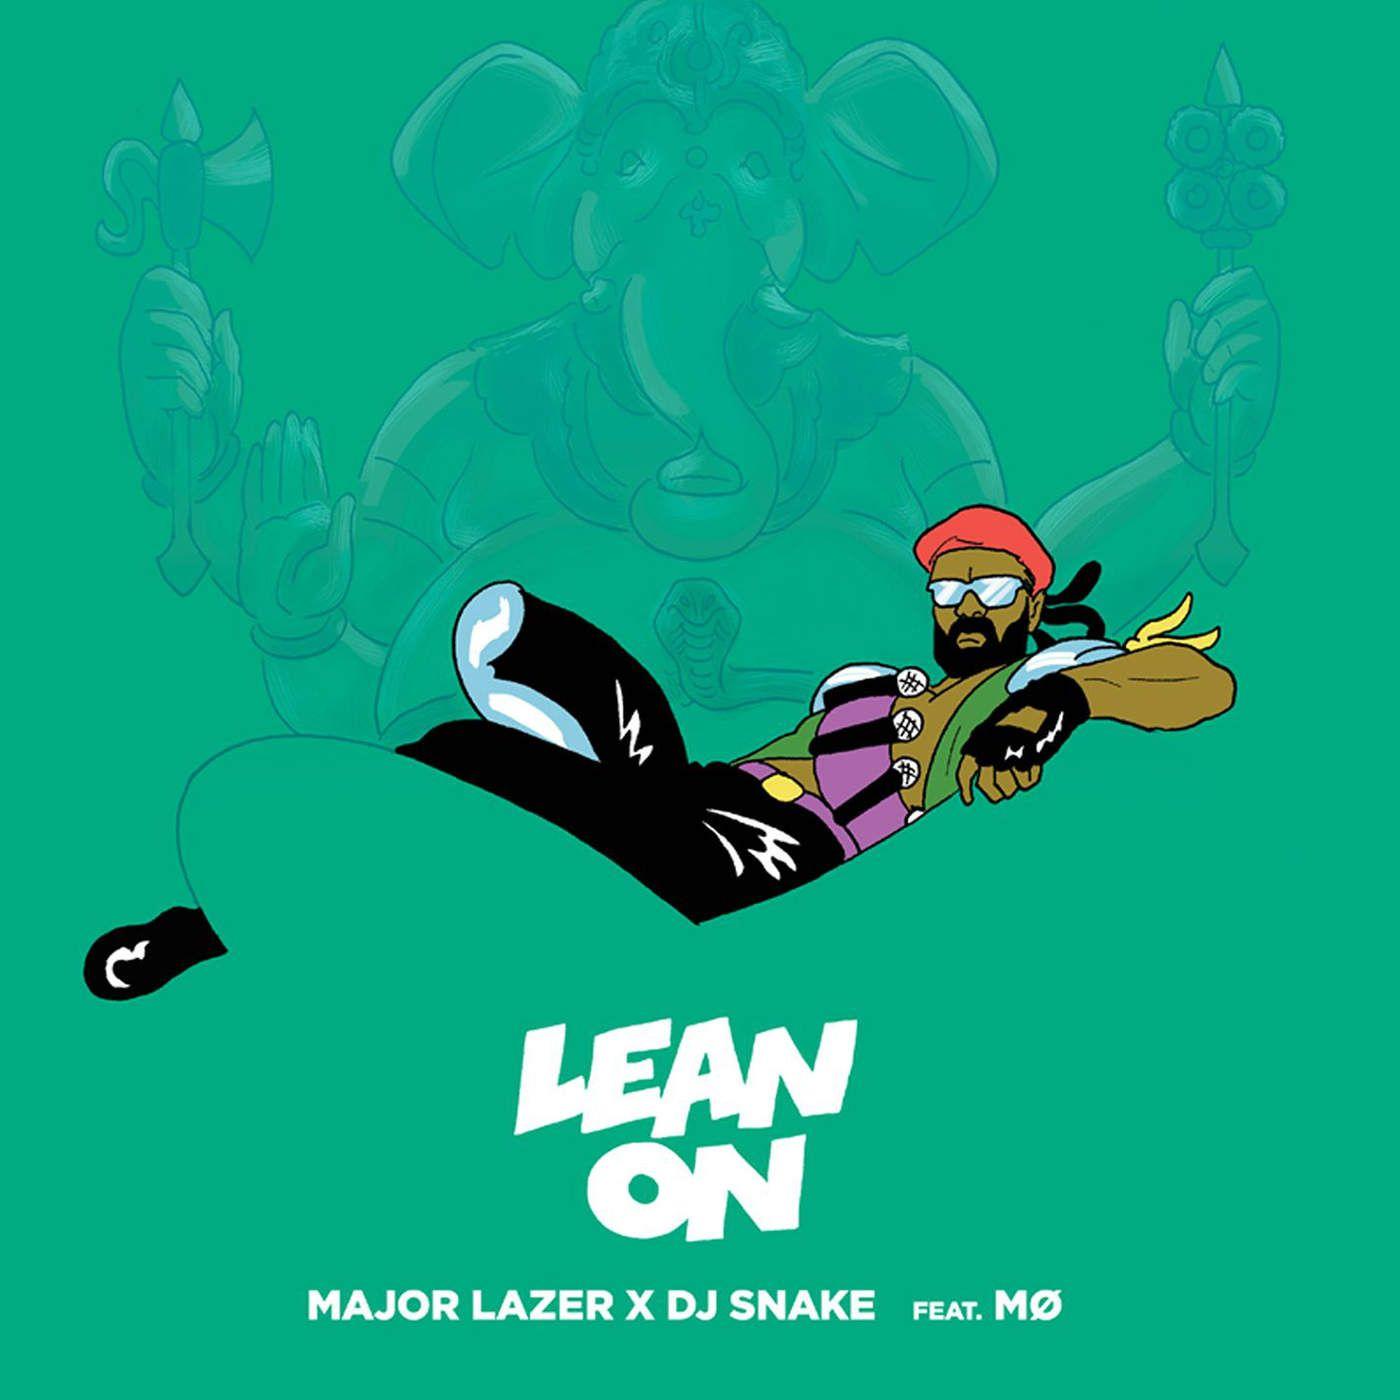 Major lazer lean on скачать бесплатно mp3